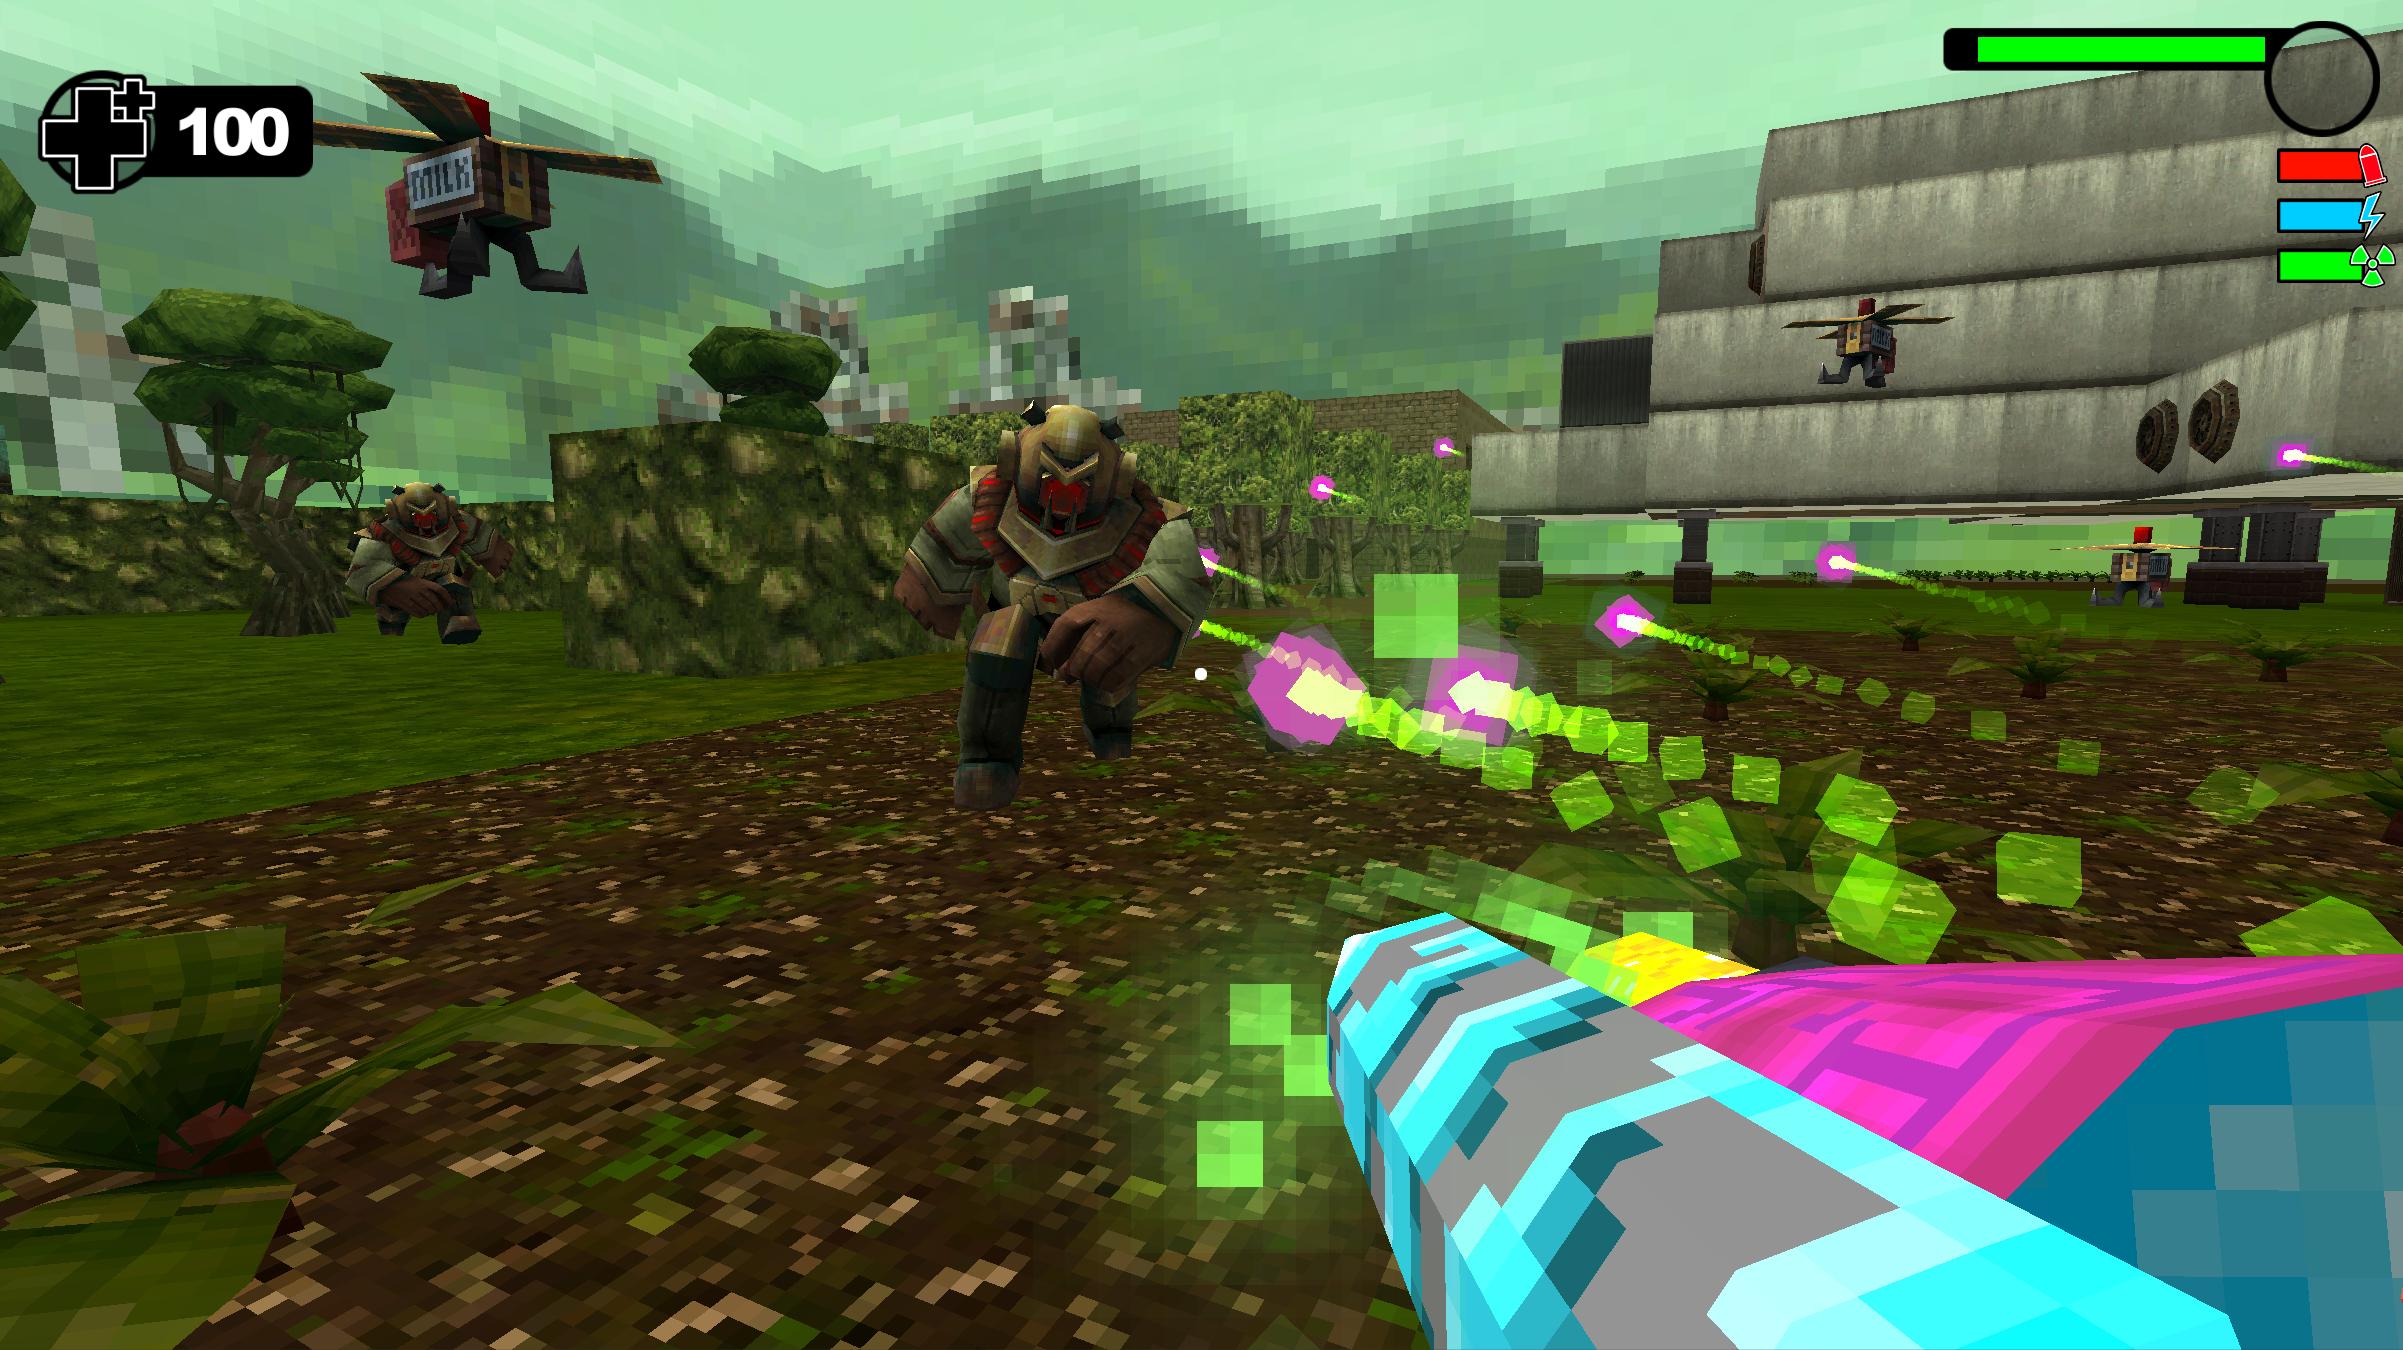 GunscapeScreenshot2